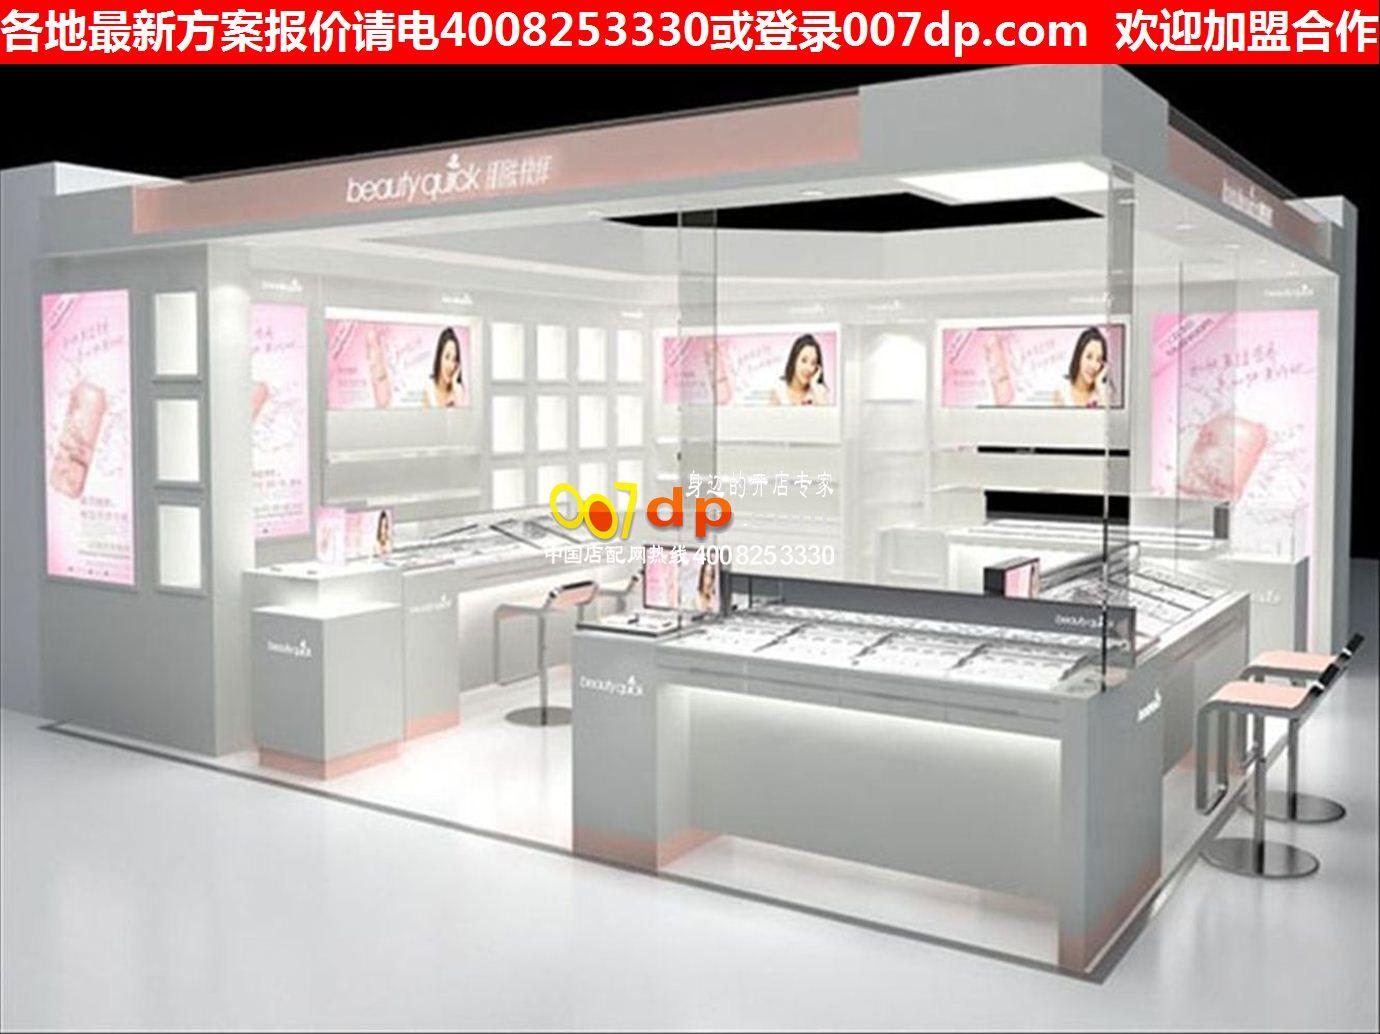 化妆品展示柜图片,化妆品货架